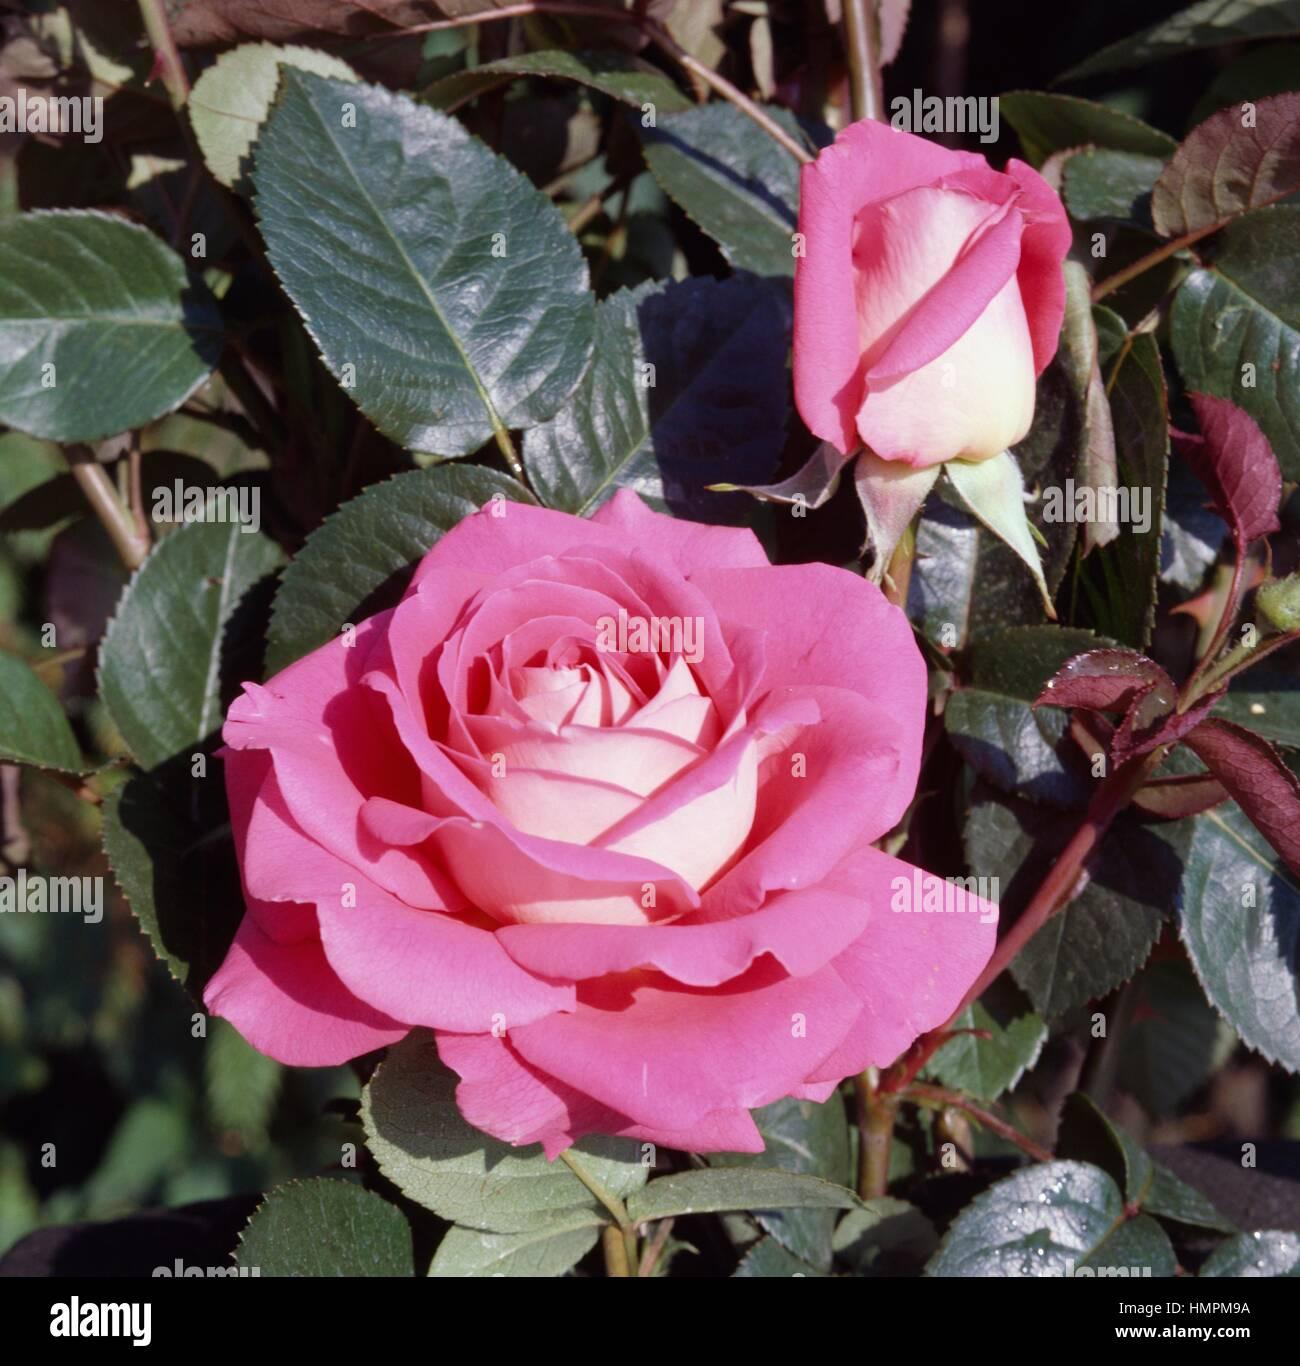 Ornella Muti, Rosaceae rose. Banque D'Images